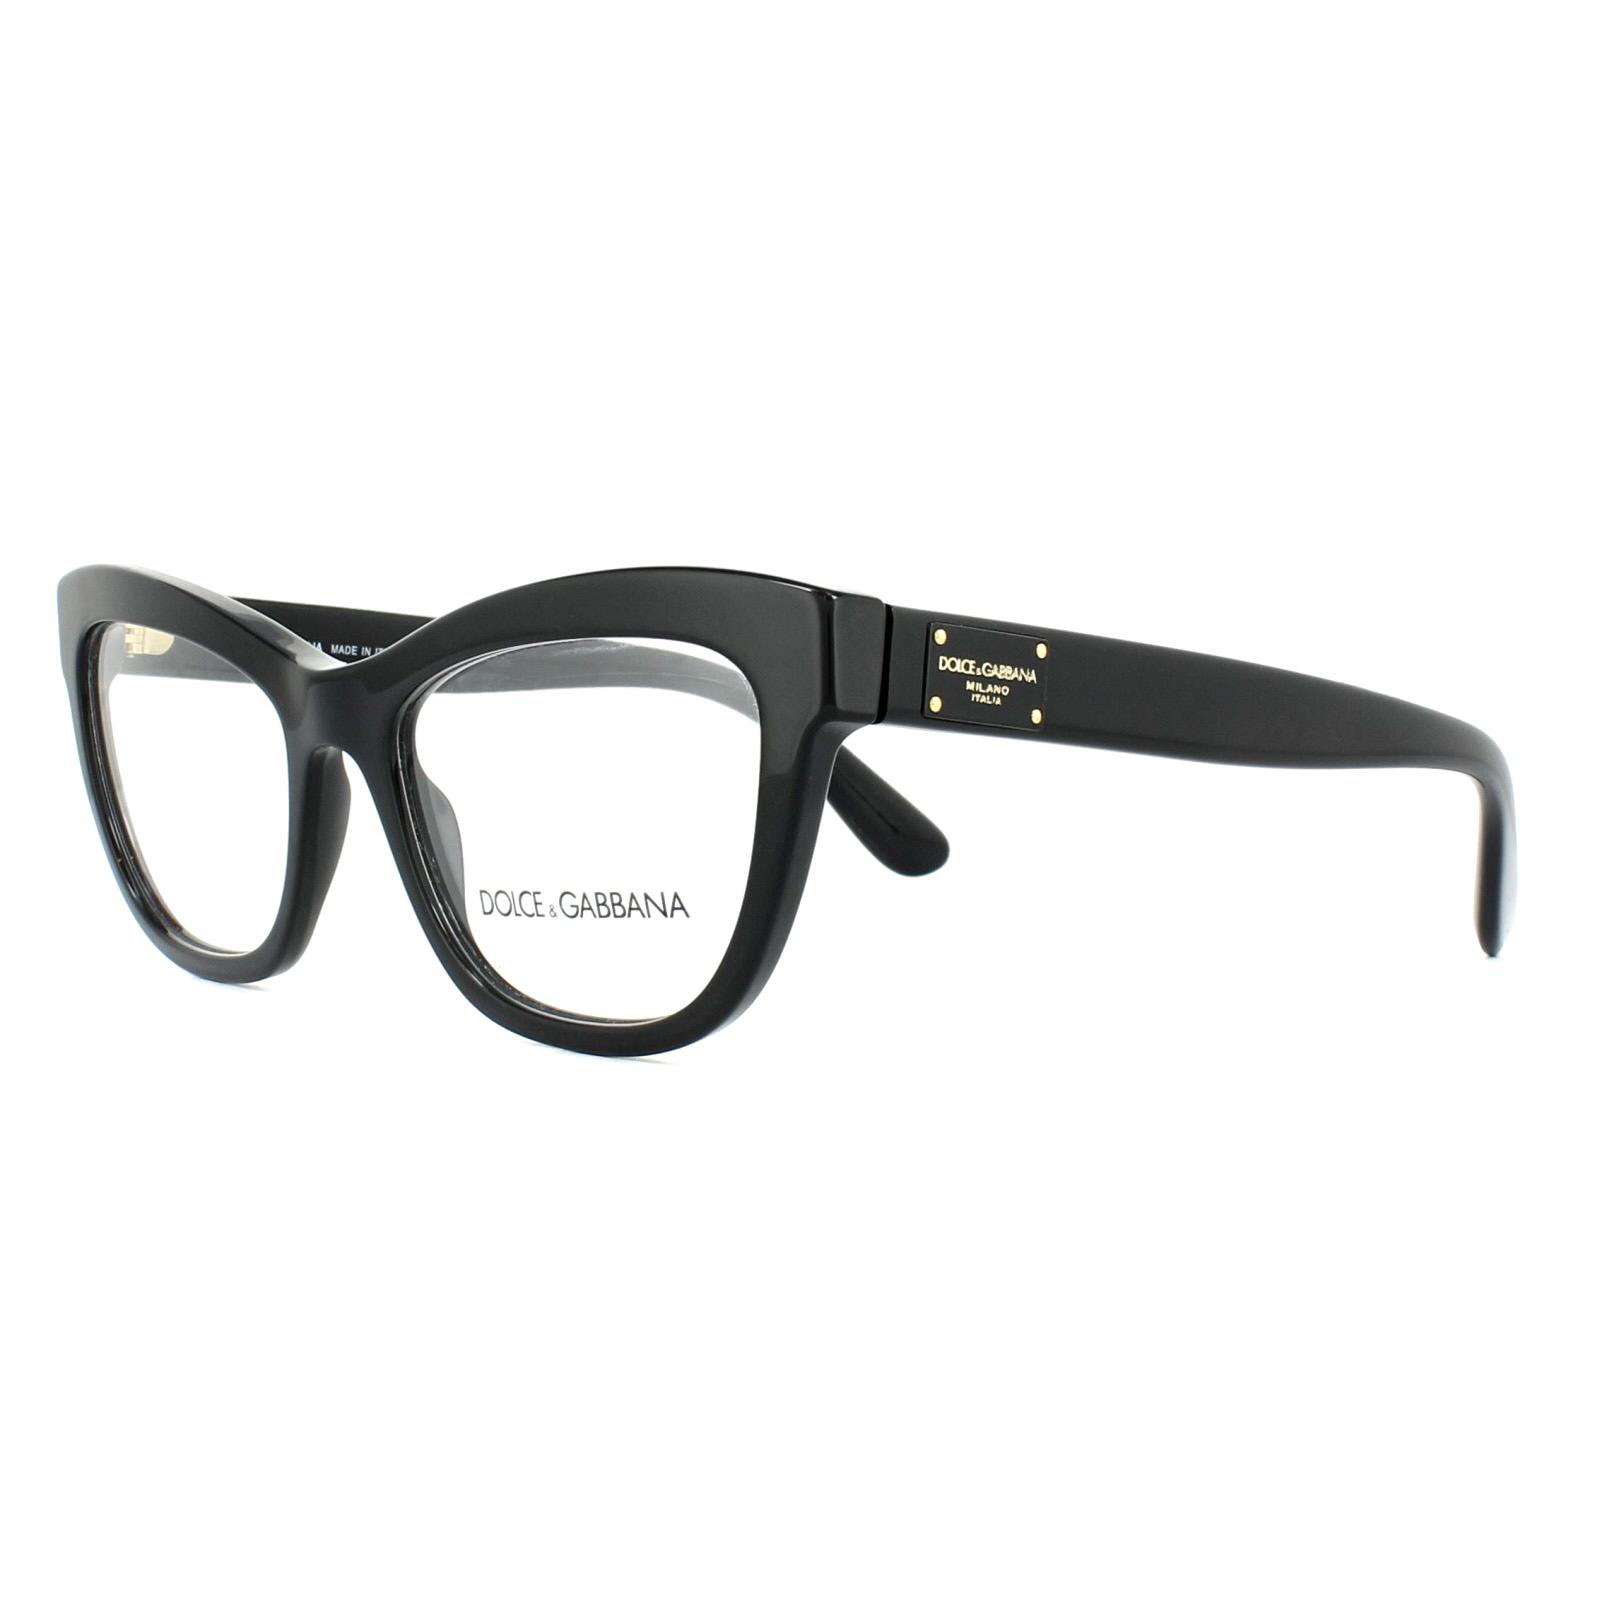 3197968461b0 Sentinel Dolce   Gabbana Glasses Frames DG 3253 501 Black 51mm Womens